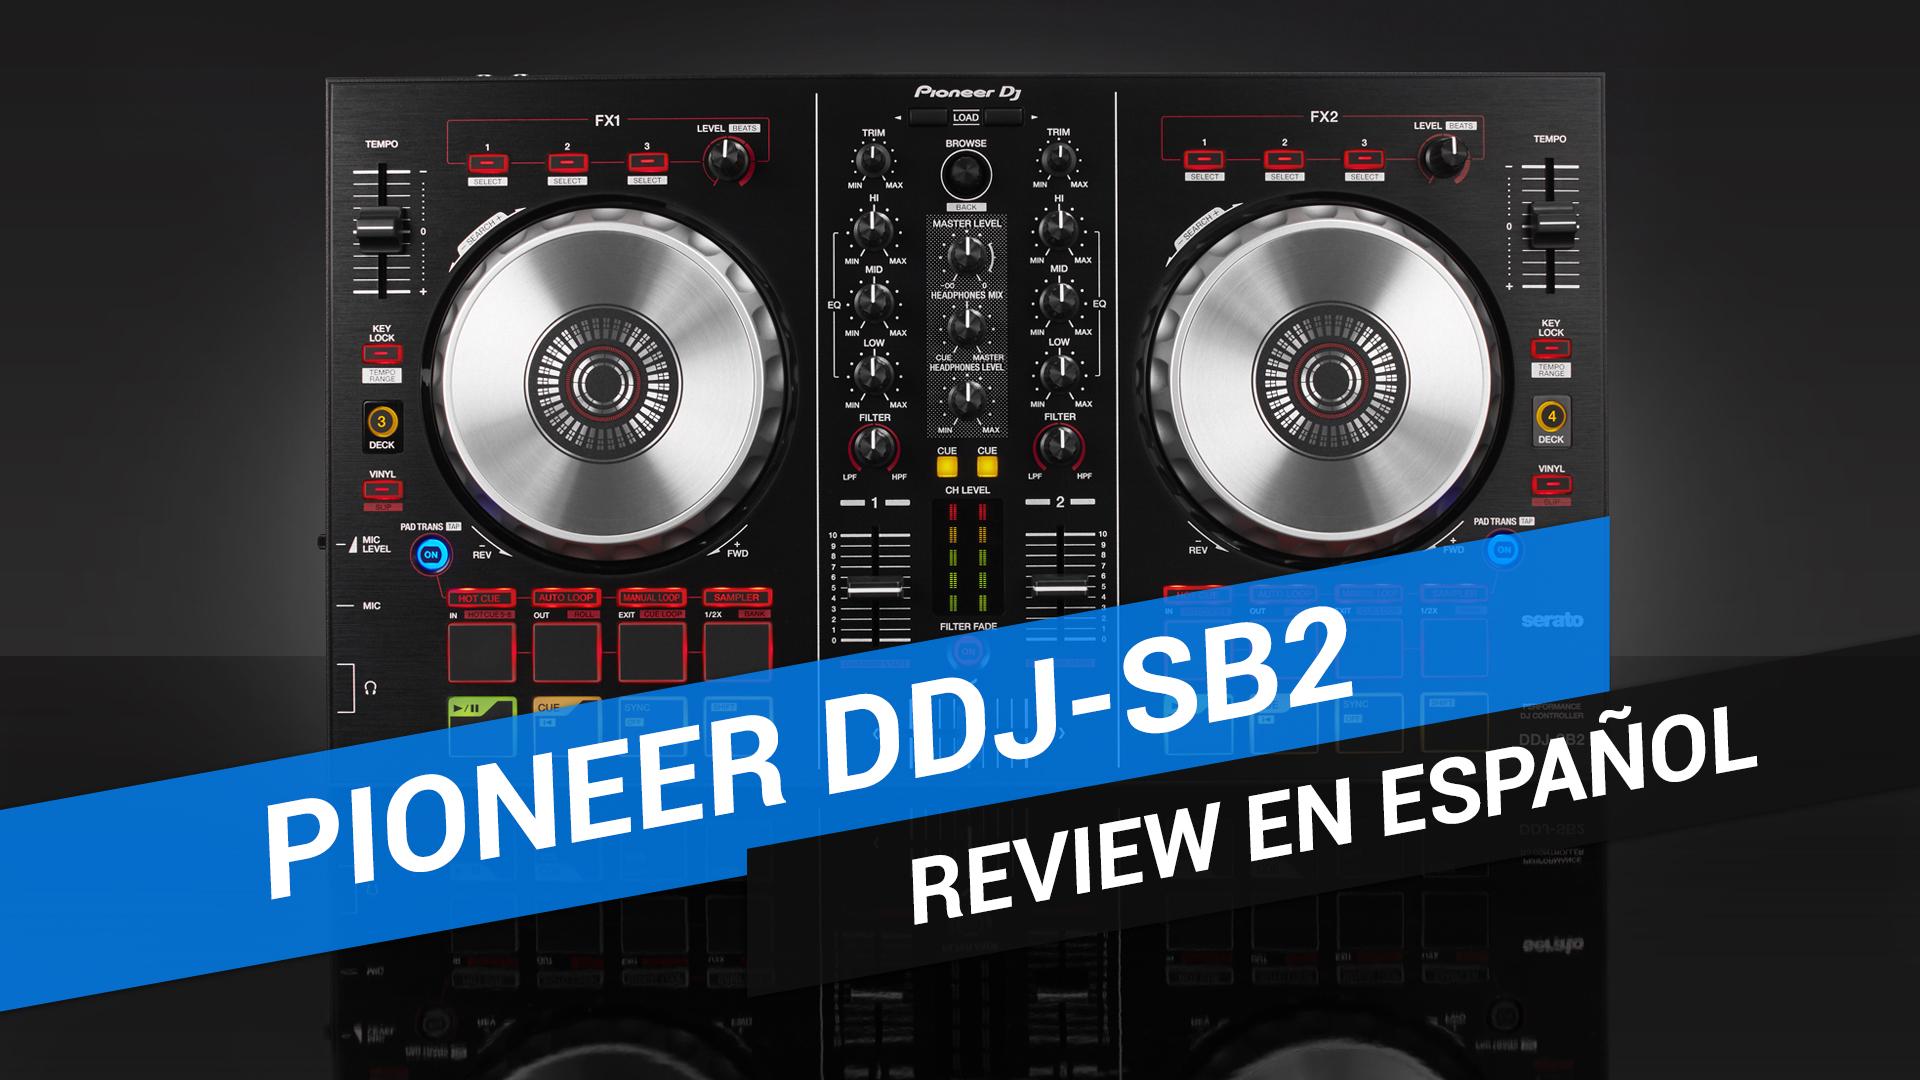 Review y unboxing en español del Pioneer DDJ-SB2